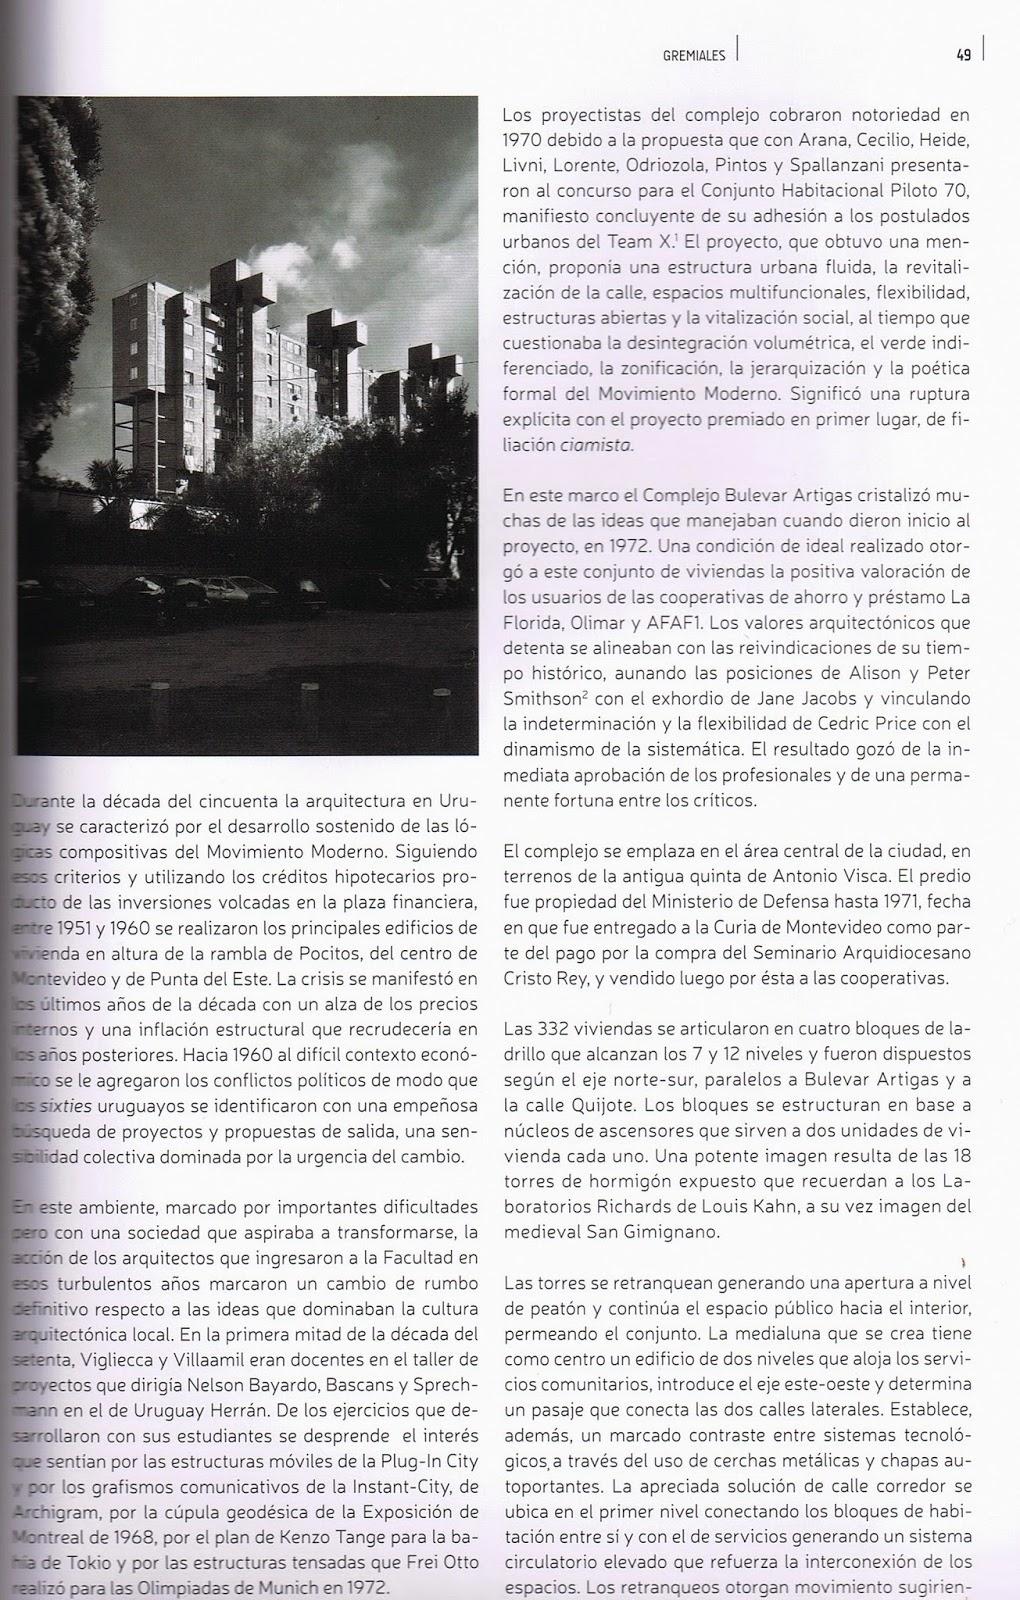 Complejo habitacional bulevar artigas informe 40 a os chba en bolet n de la sociedad de - Sociedad de arquitectos ...